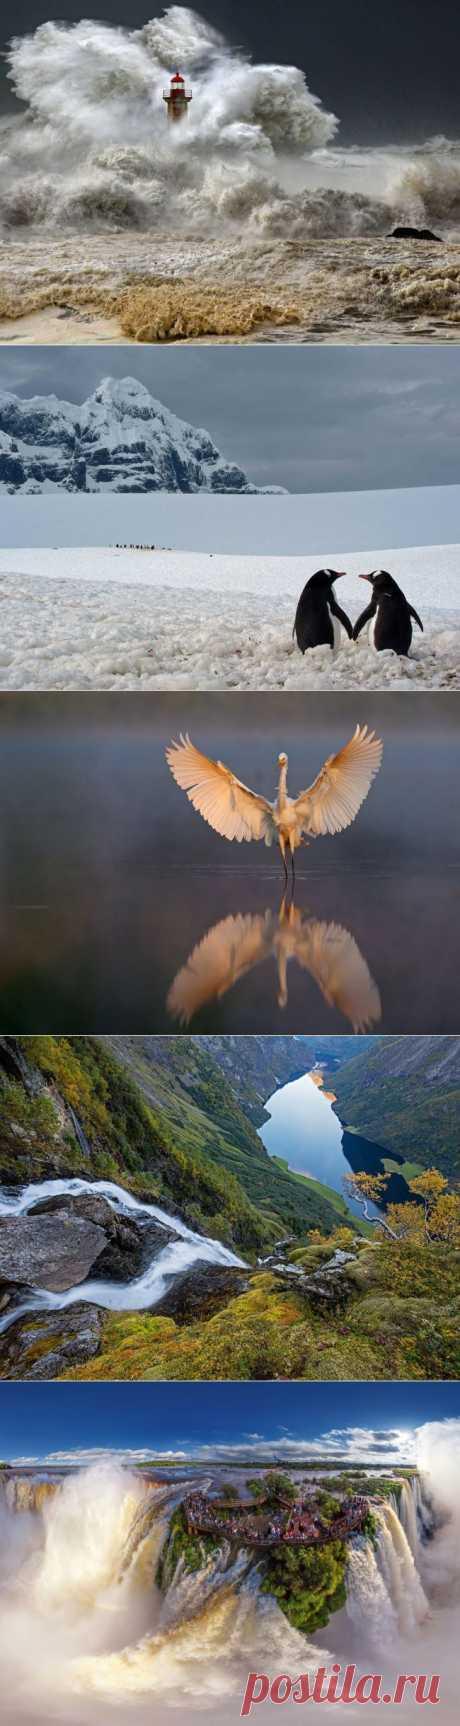 25снимков природы, которые выдолжны увидеть вэтом году